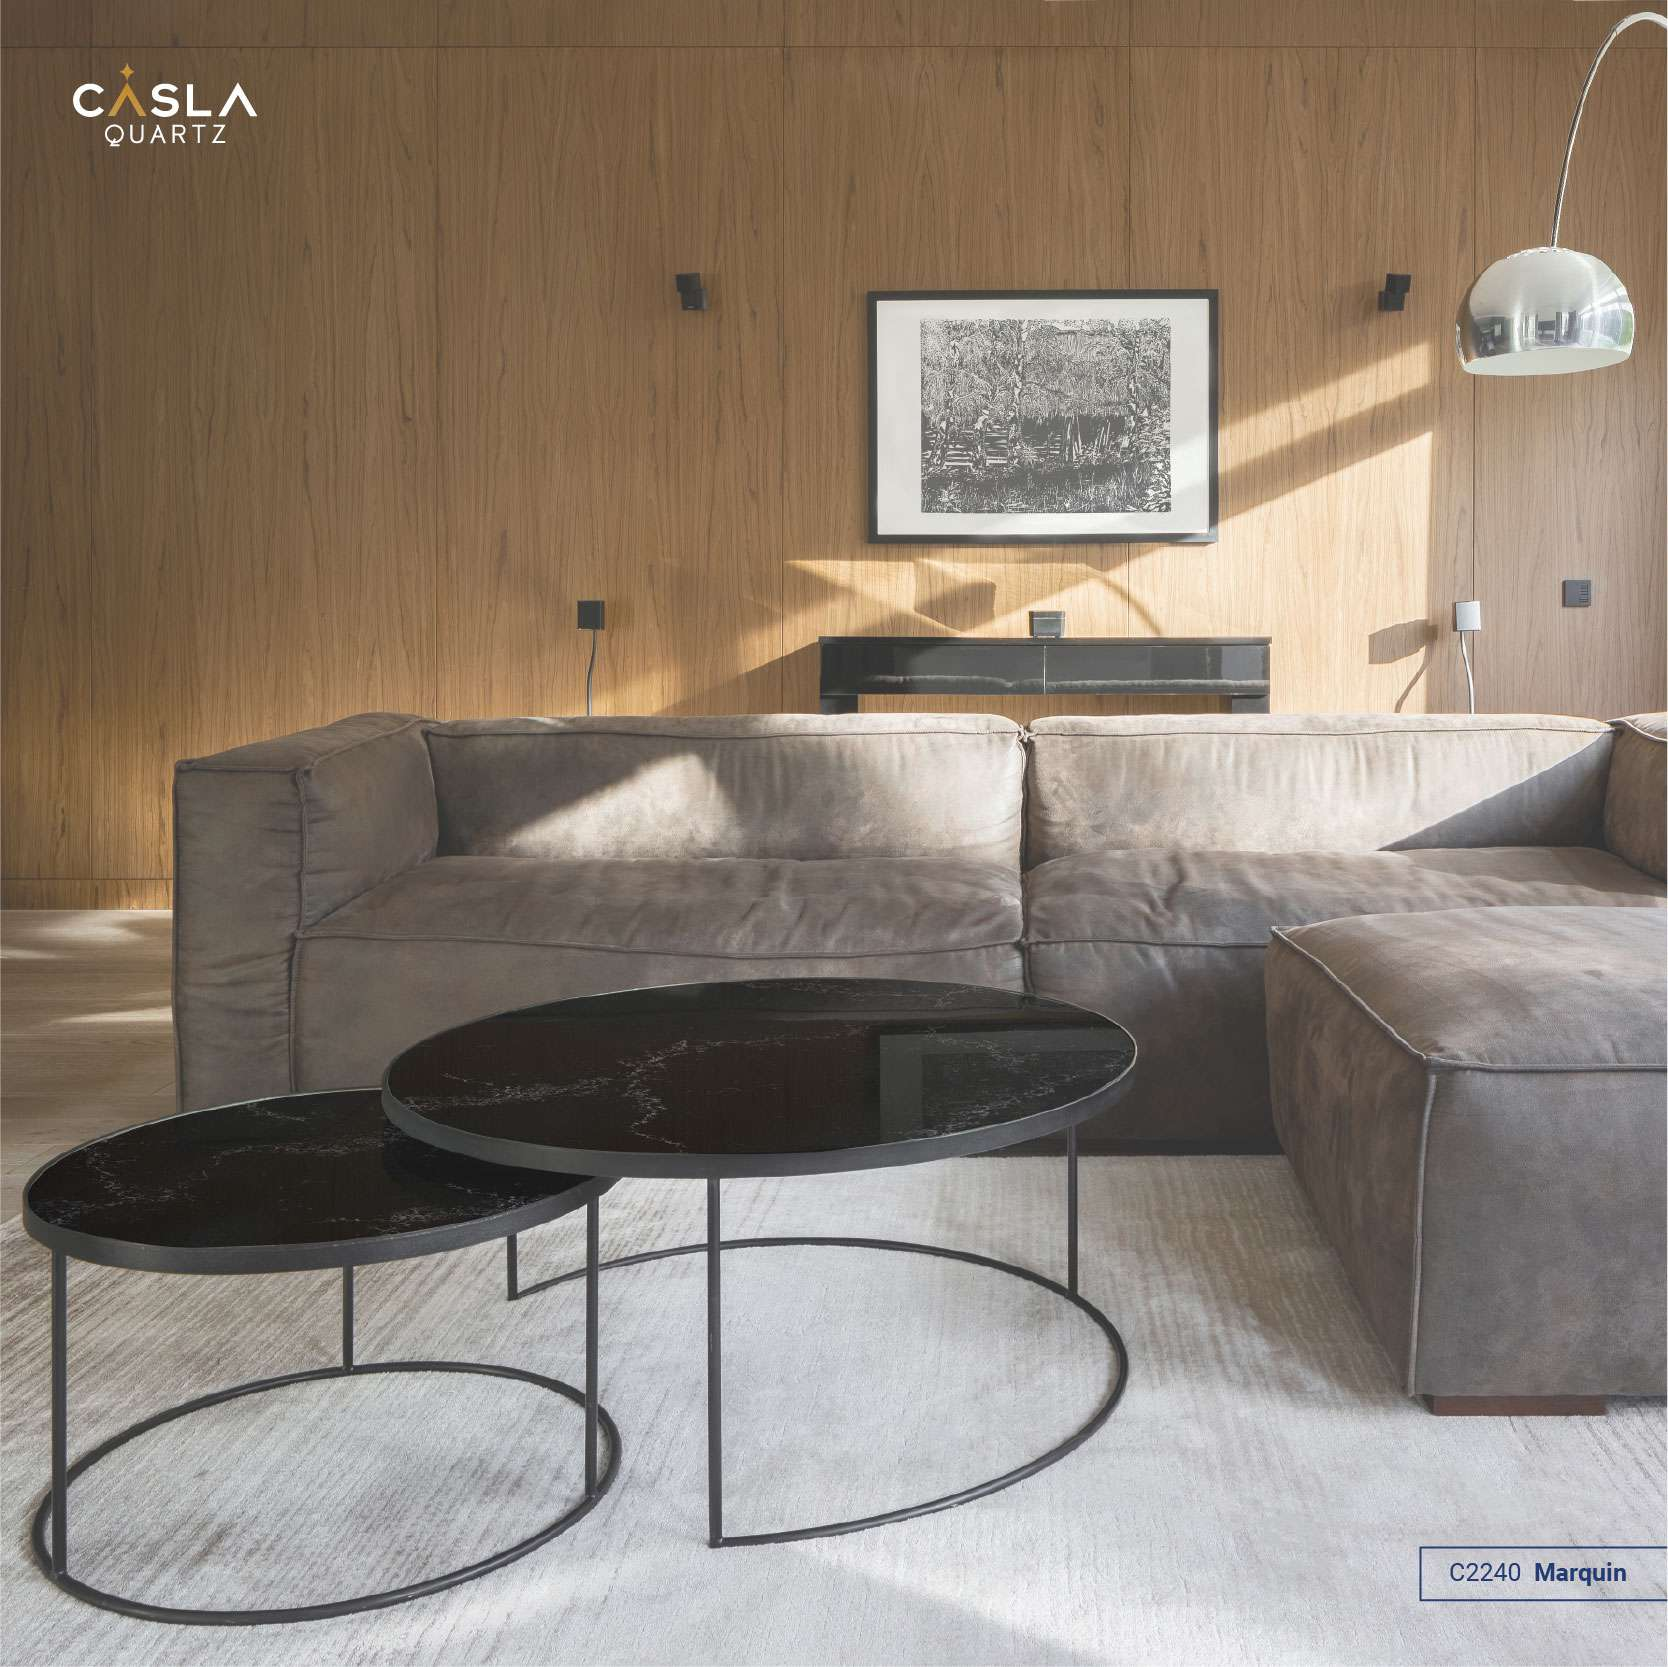 Bàn trà sử dụng hai mặt đá Marquin hình tròn, đường vân ẩn lạ mắt trên nền đá màu đen kết hợp cùng chân sắt mỏng manh đầy ấn tượng.